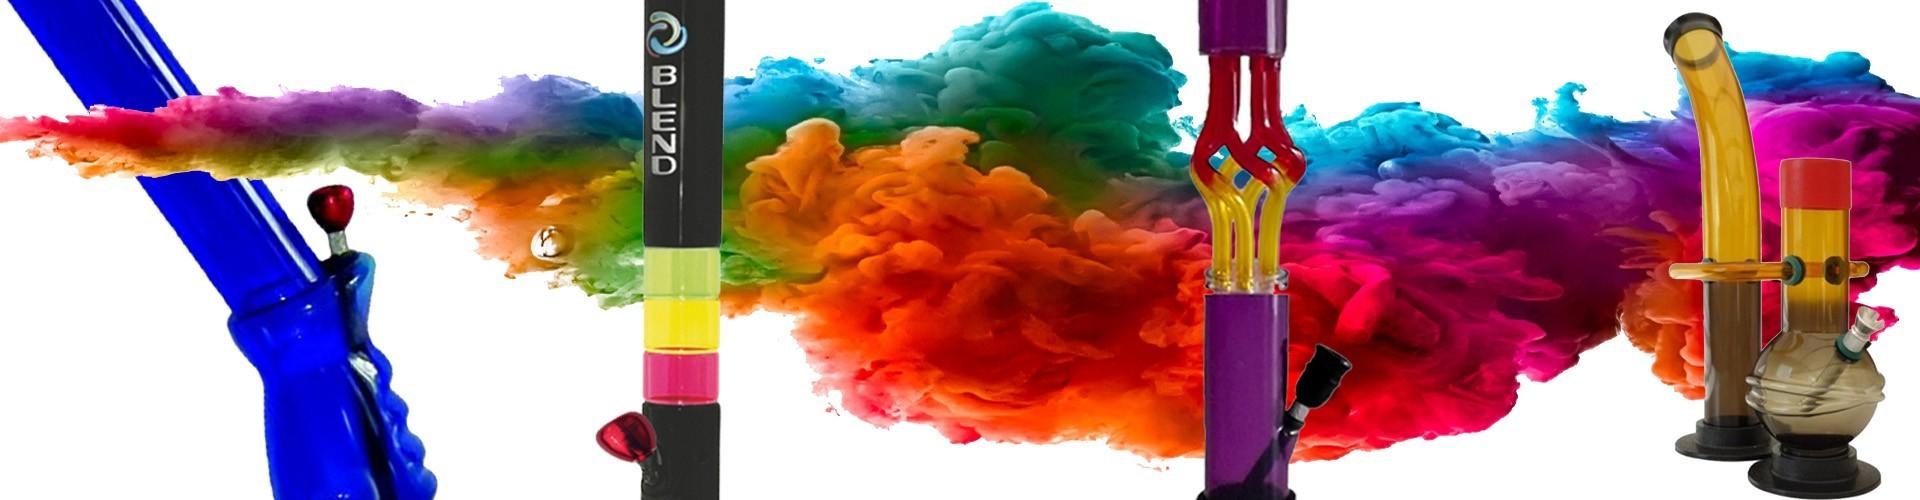 Bang en Acrylique design et résistent, bang acrylique pas cher